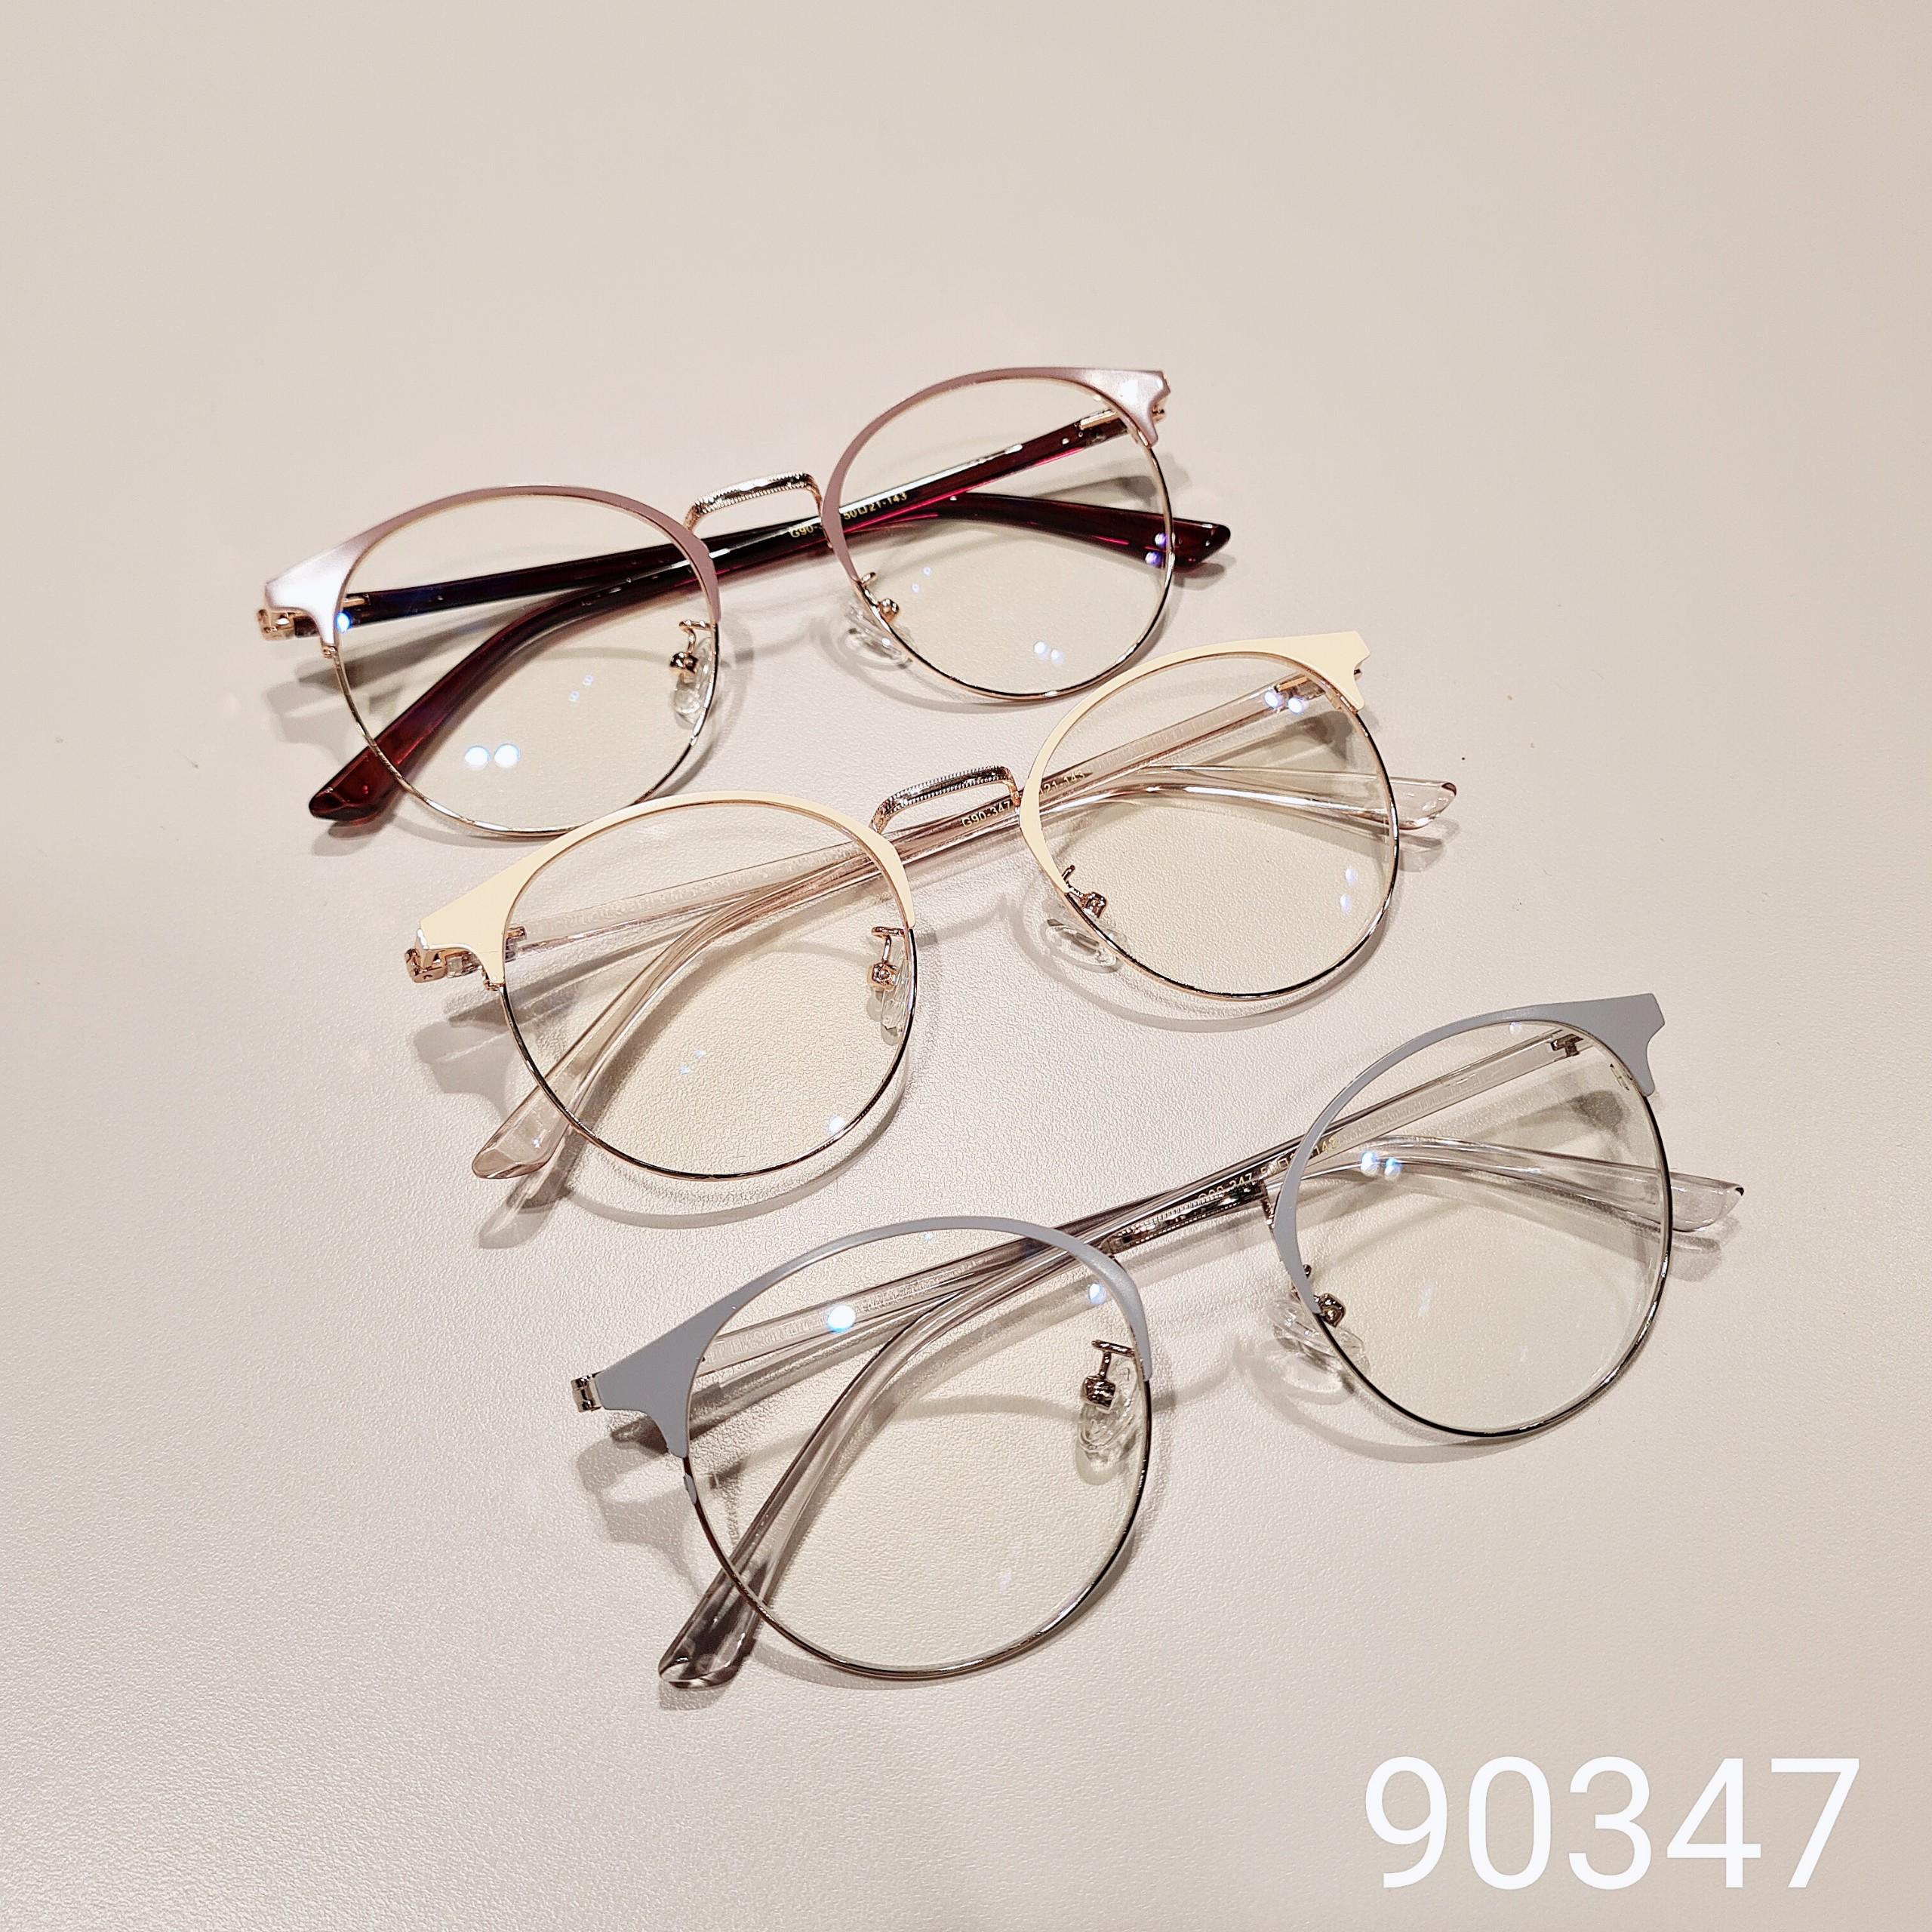 Mua Gọng kính kim loại nữ mắt tròn Lilyeyewear 90347, nhẹ nhàng thanh mảnh, giúp người đeo thoải mái, phù hợp với nhiều khuôn mặt , gọng kính có nhiều màu, một size